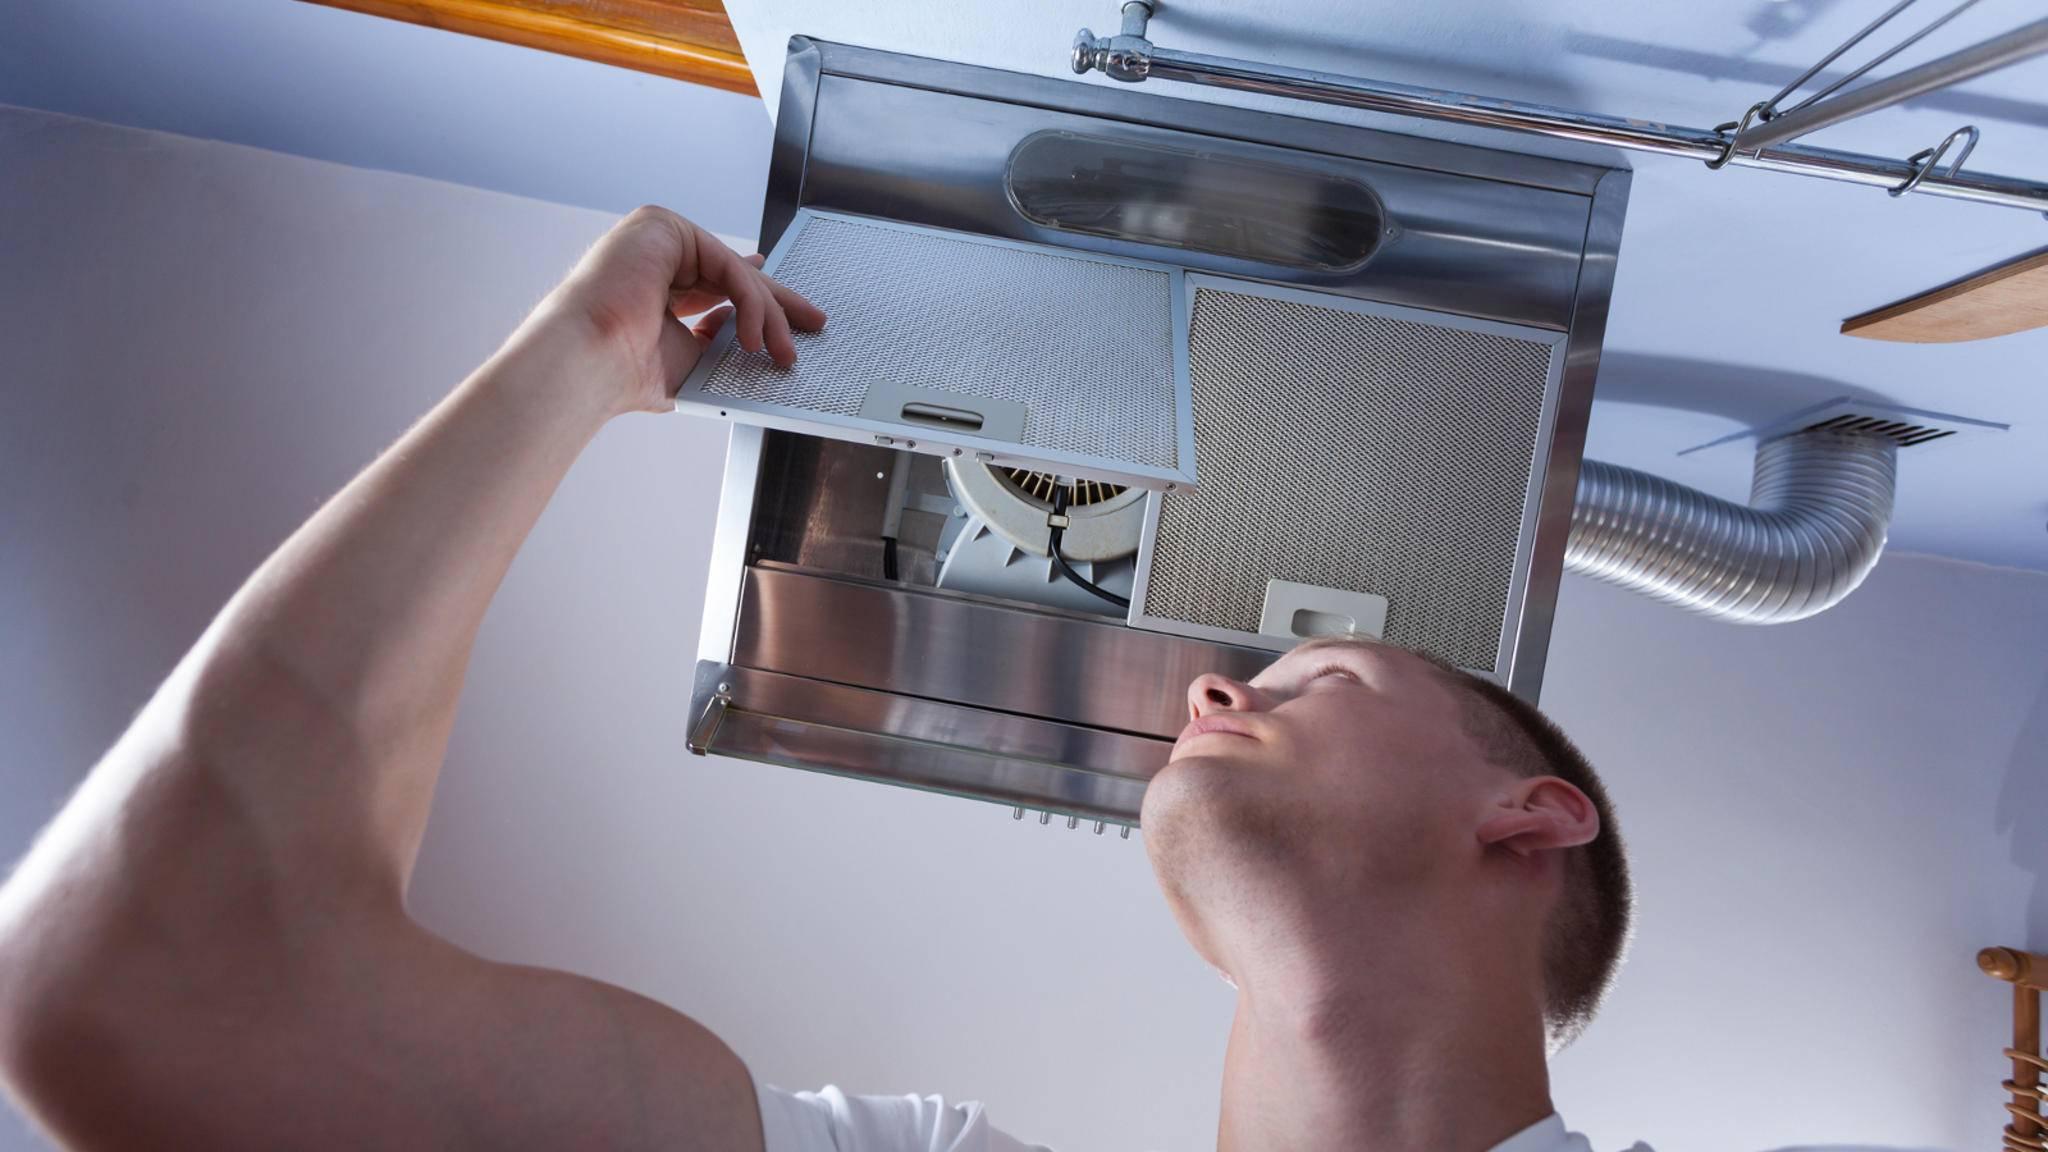 Dunstabzugshaube reinigen: tipps die filter & co. glänzen lassen